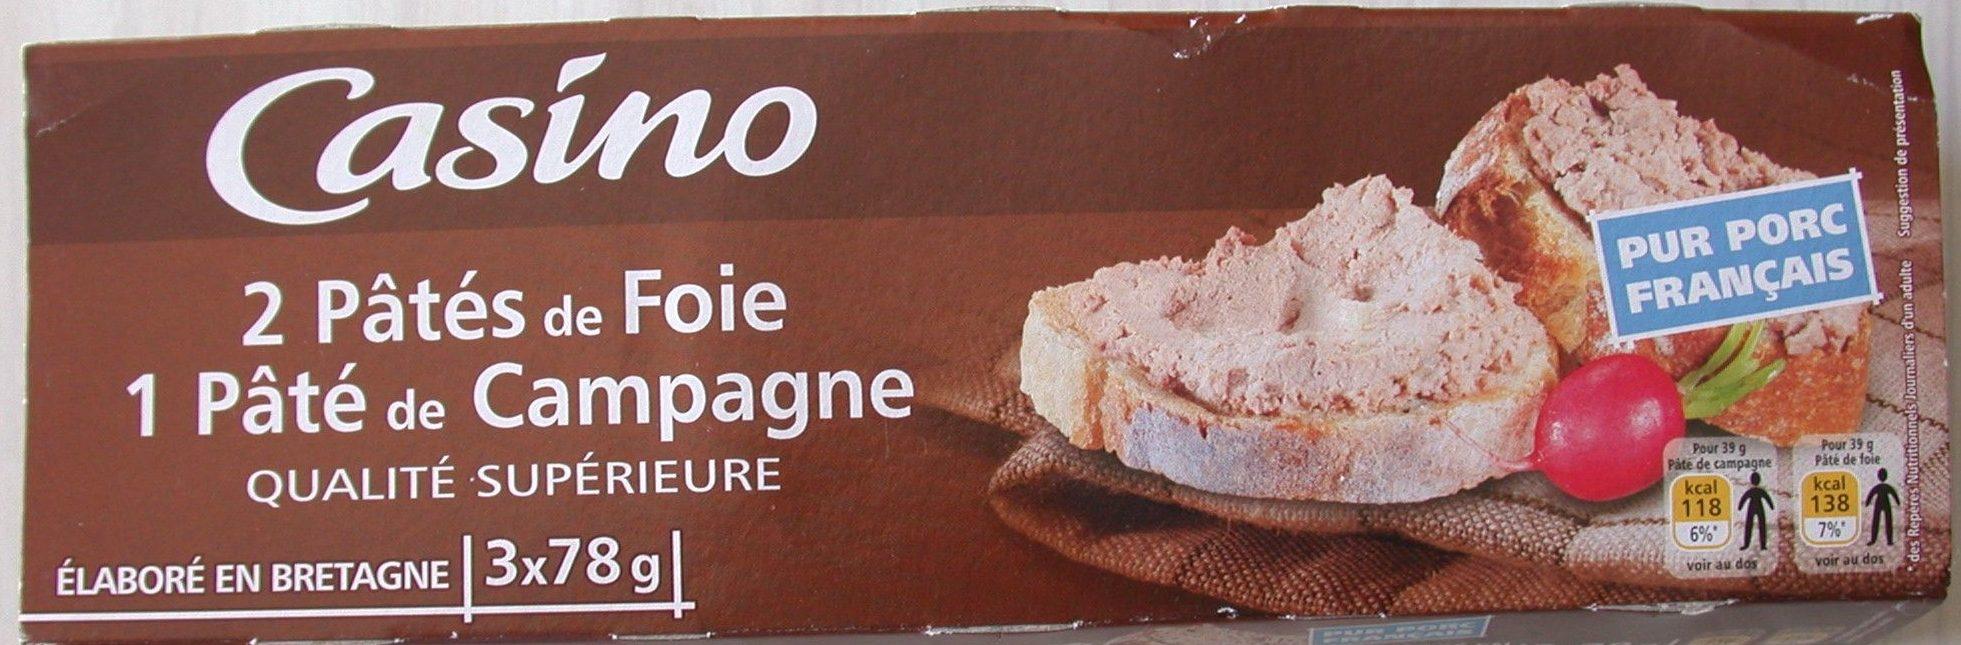 2 Pâtés de foie - 1 Pâté de campagne - Produit - fr